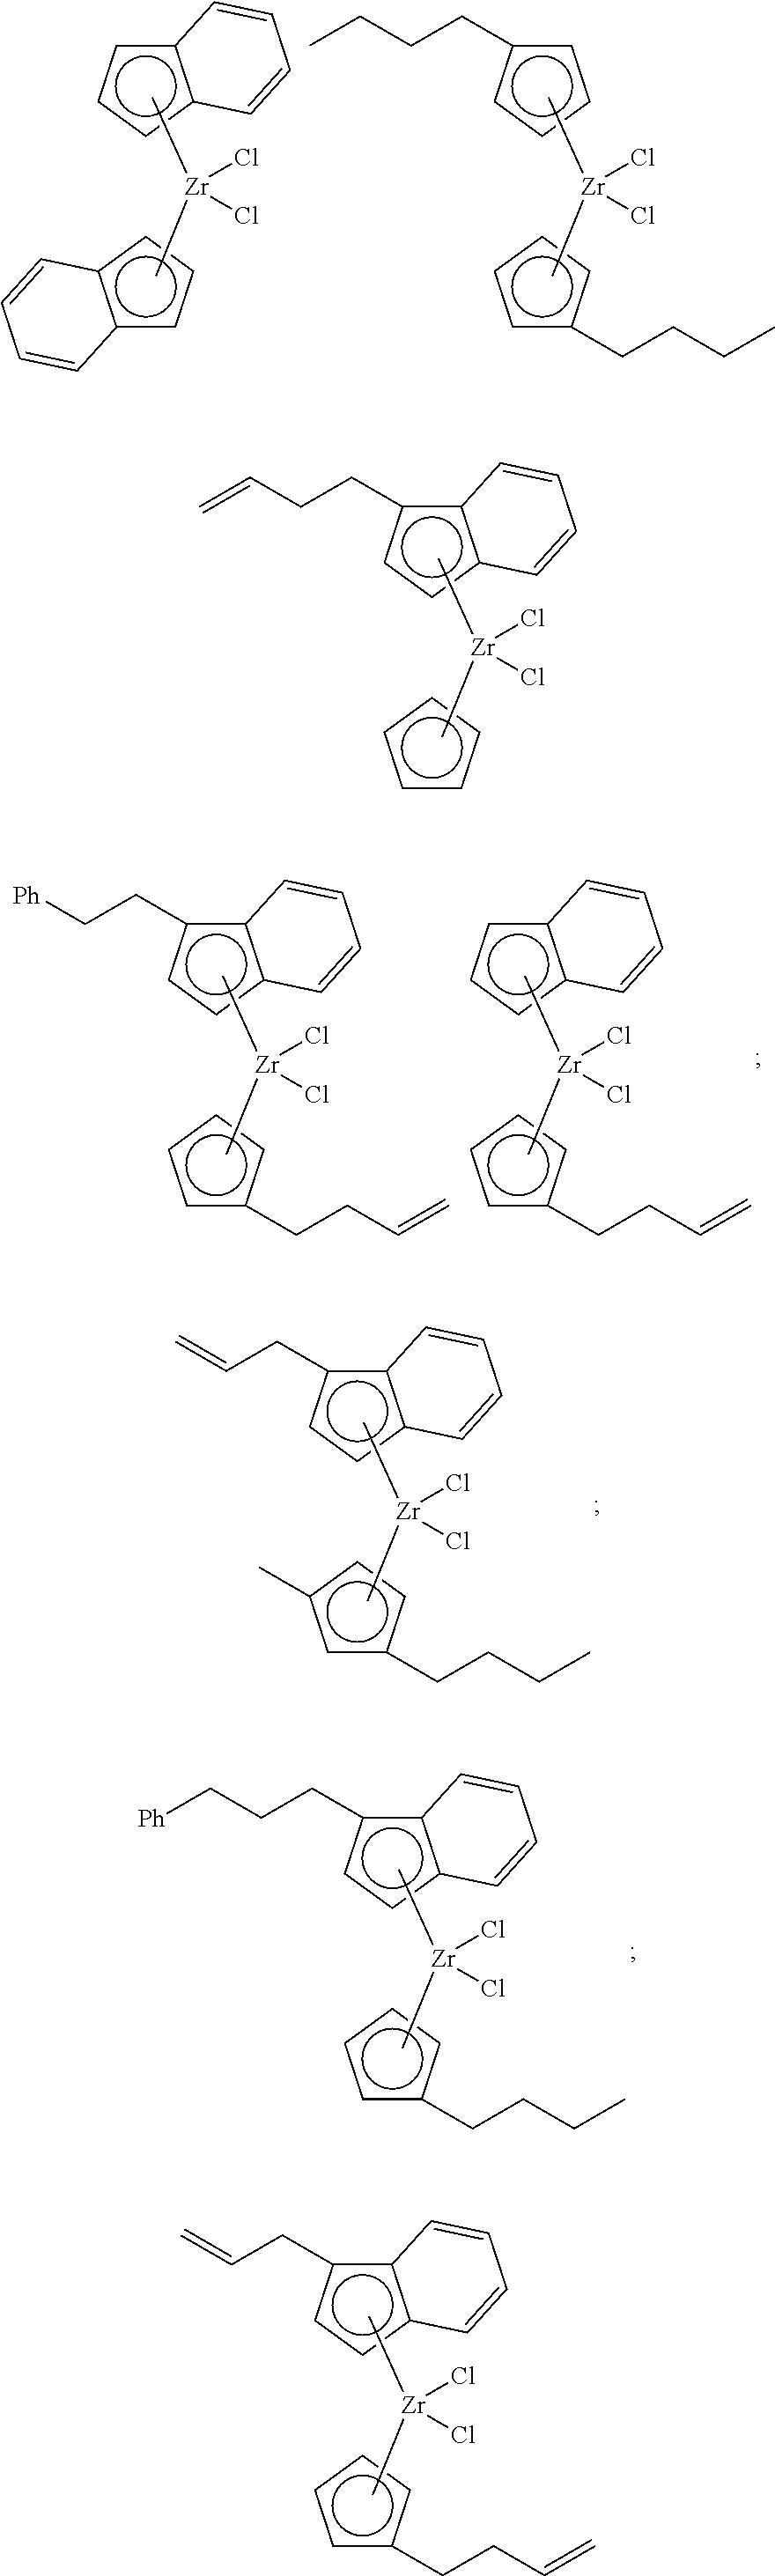 Figure US09650459-20170516-C00001